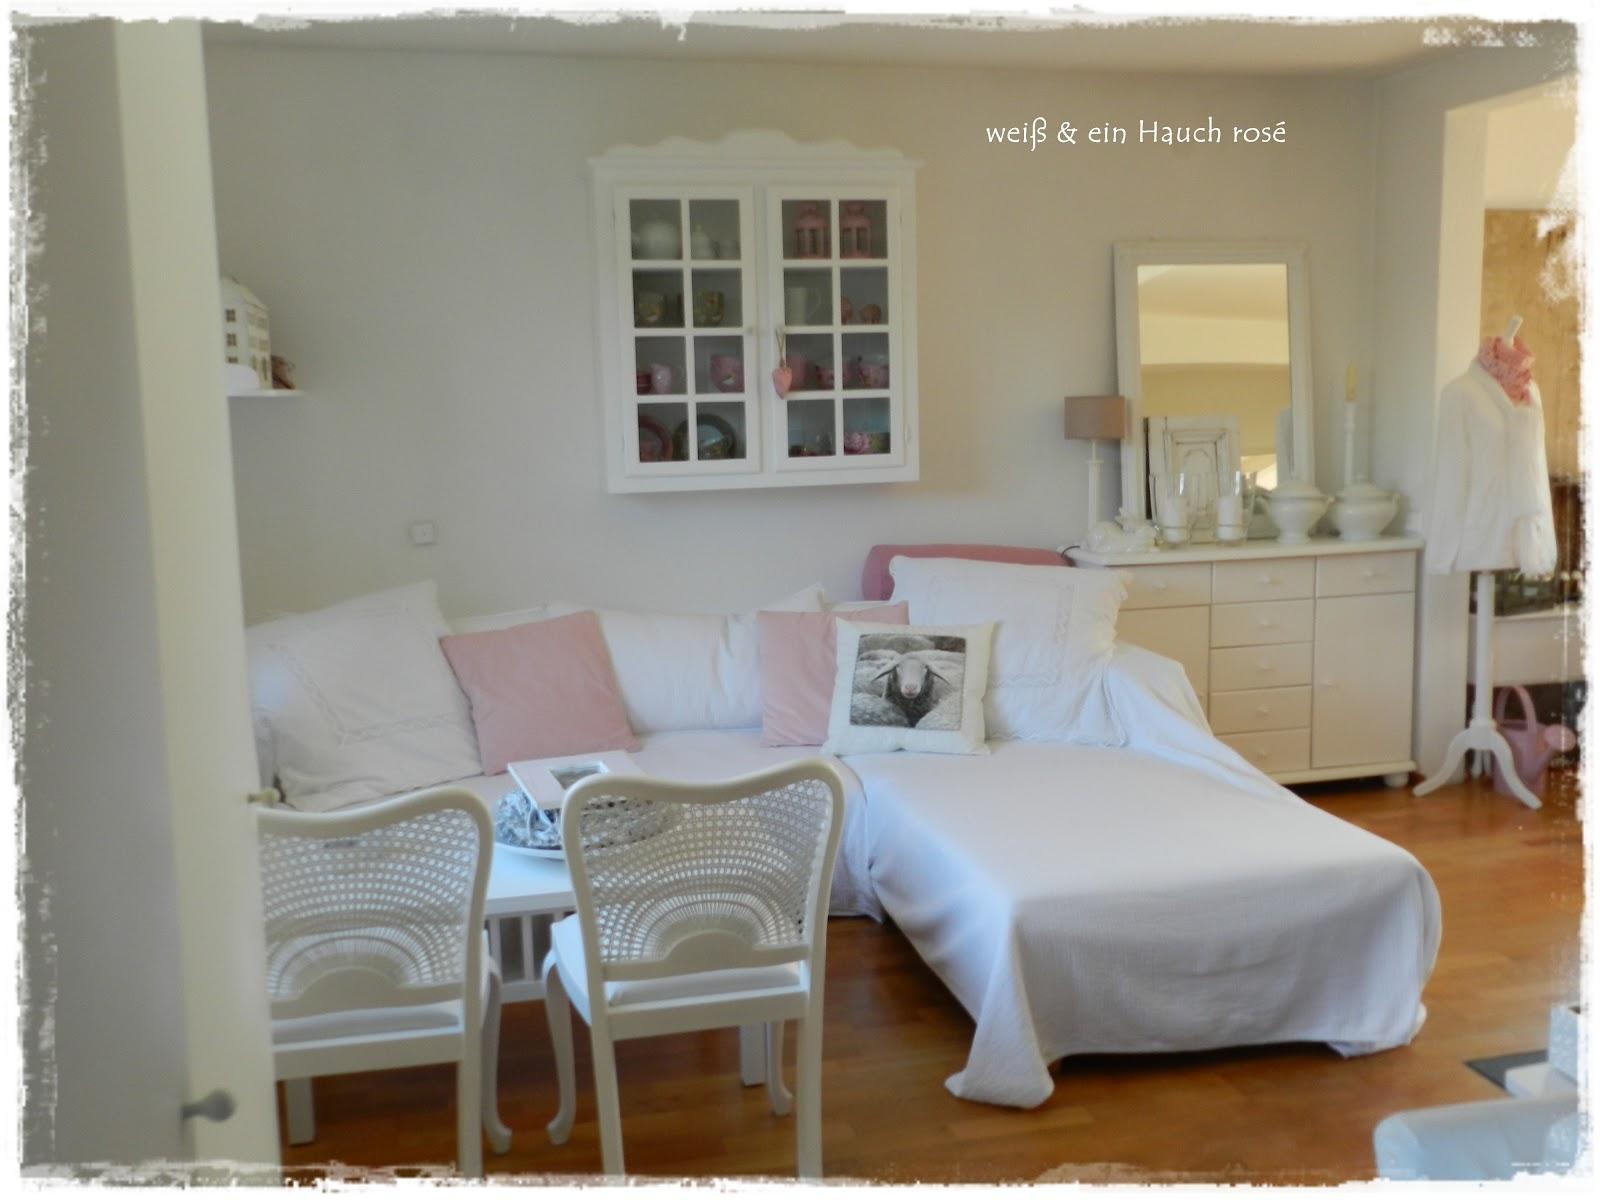 wei ein hauch ros sofa mal andersrum buch zum tr umen. Black Bedroom Furniture Sets. Home Design Ideas